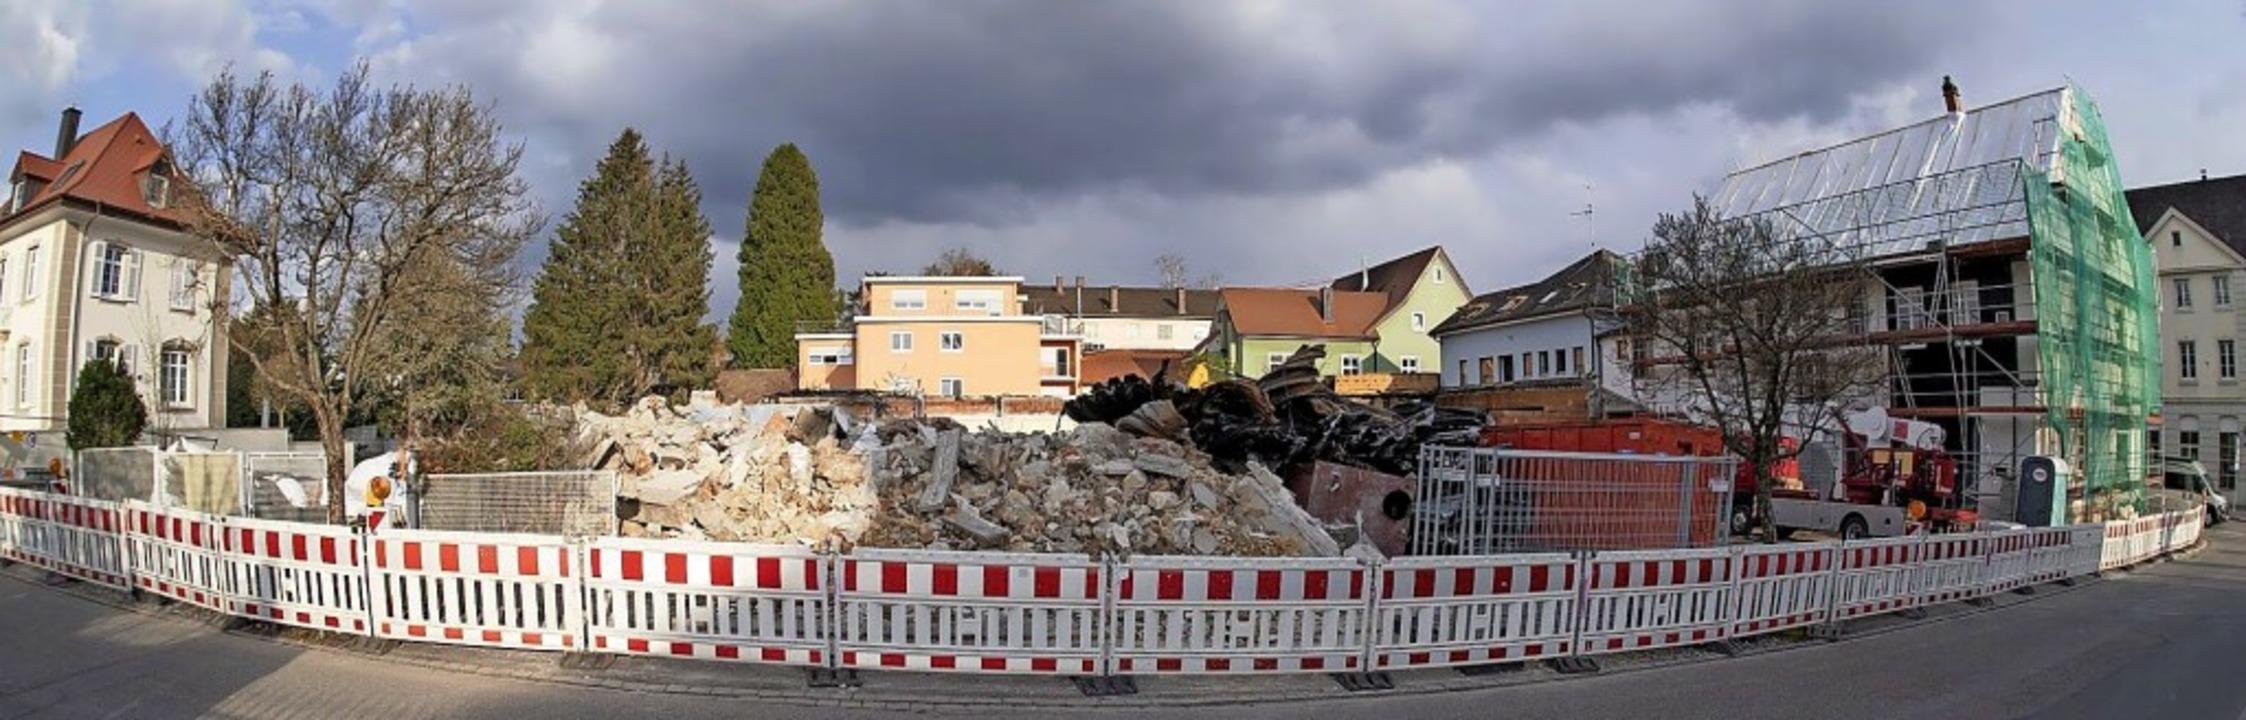 Die Überreste des abgebrannten Netto-L...es Wohnhaus werden derzeit abgerissen.  | Foto: Volker Münch